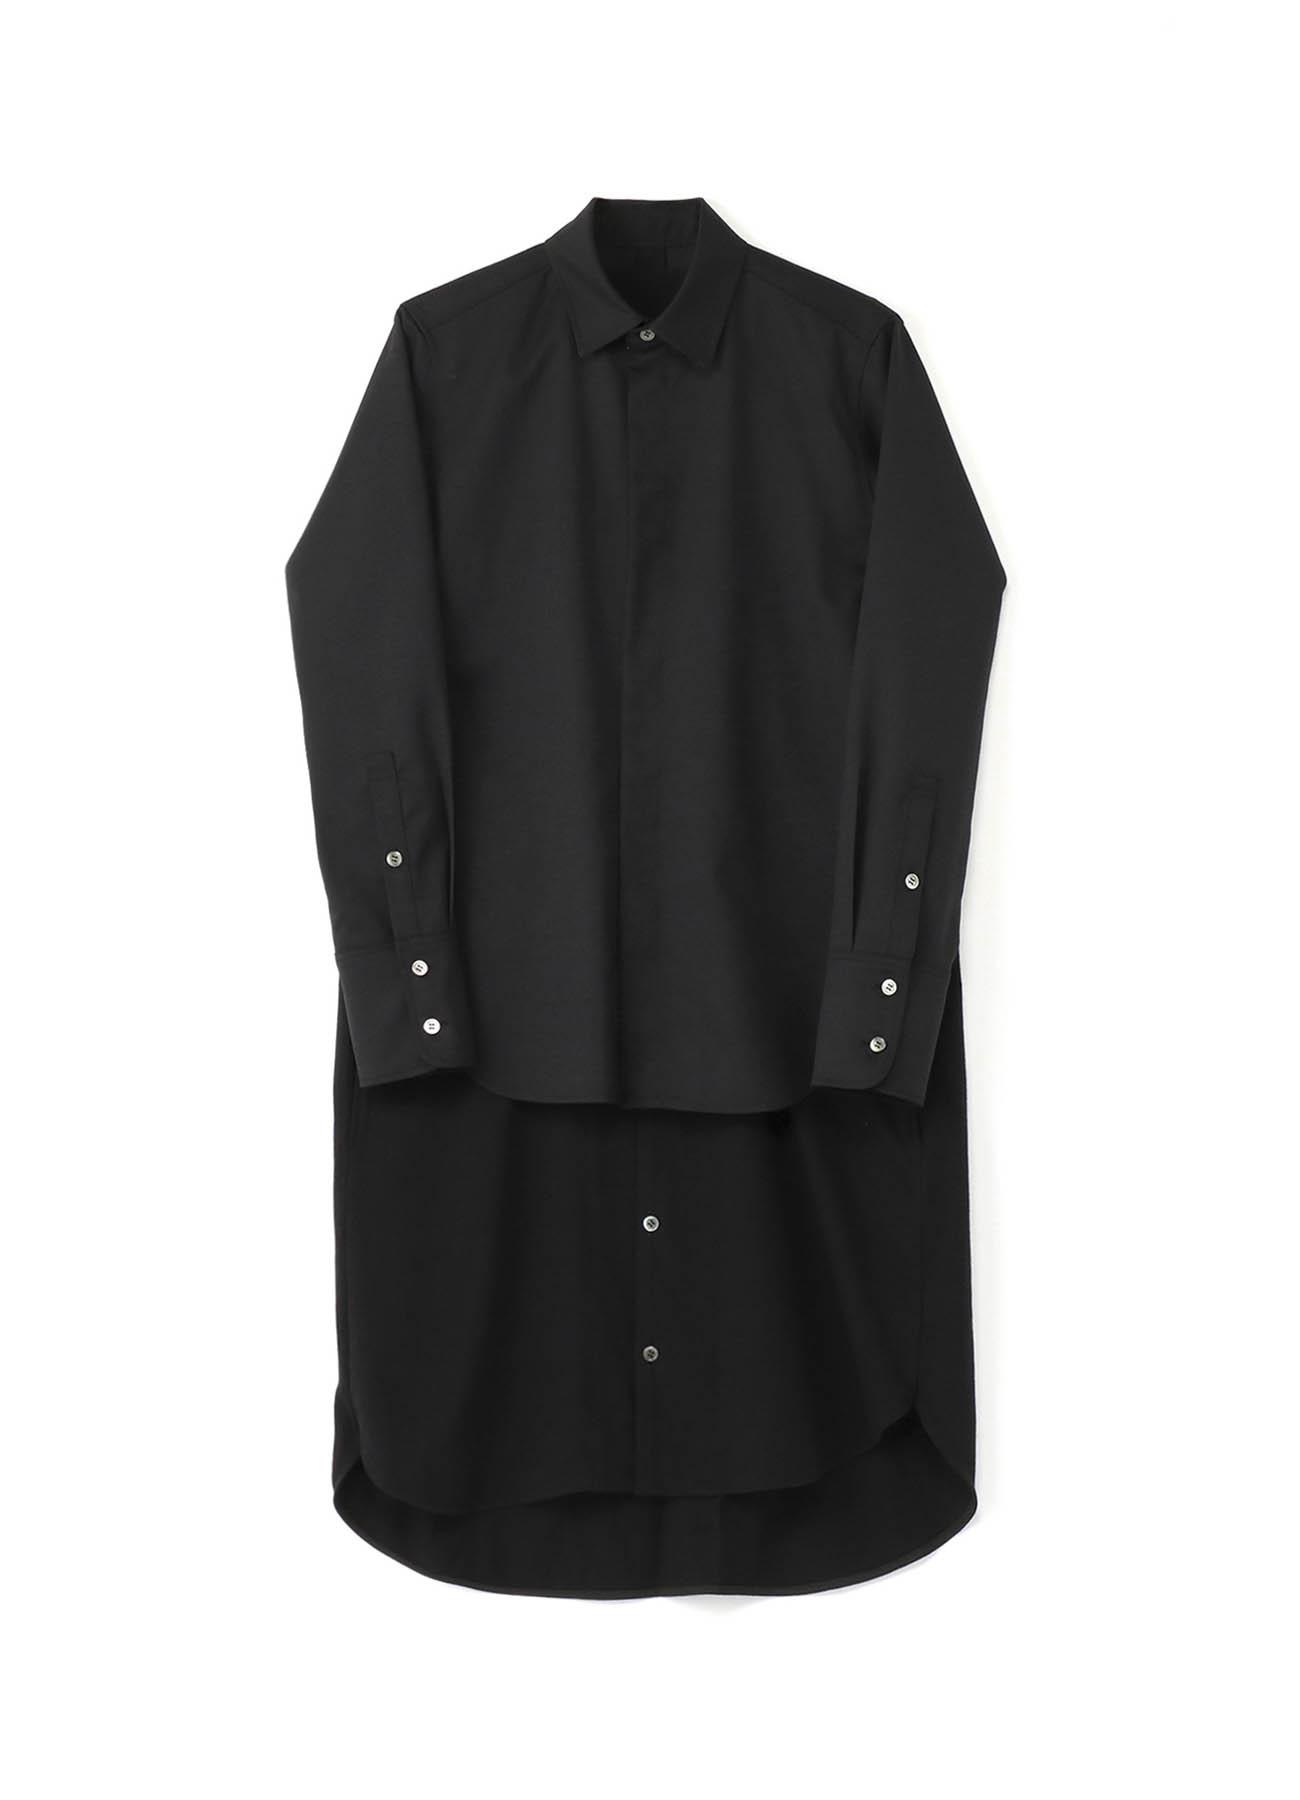 羊毛哔叽 &棉质平纹针织分层衬衫连衣裙